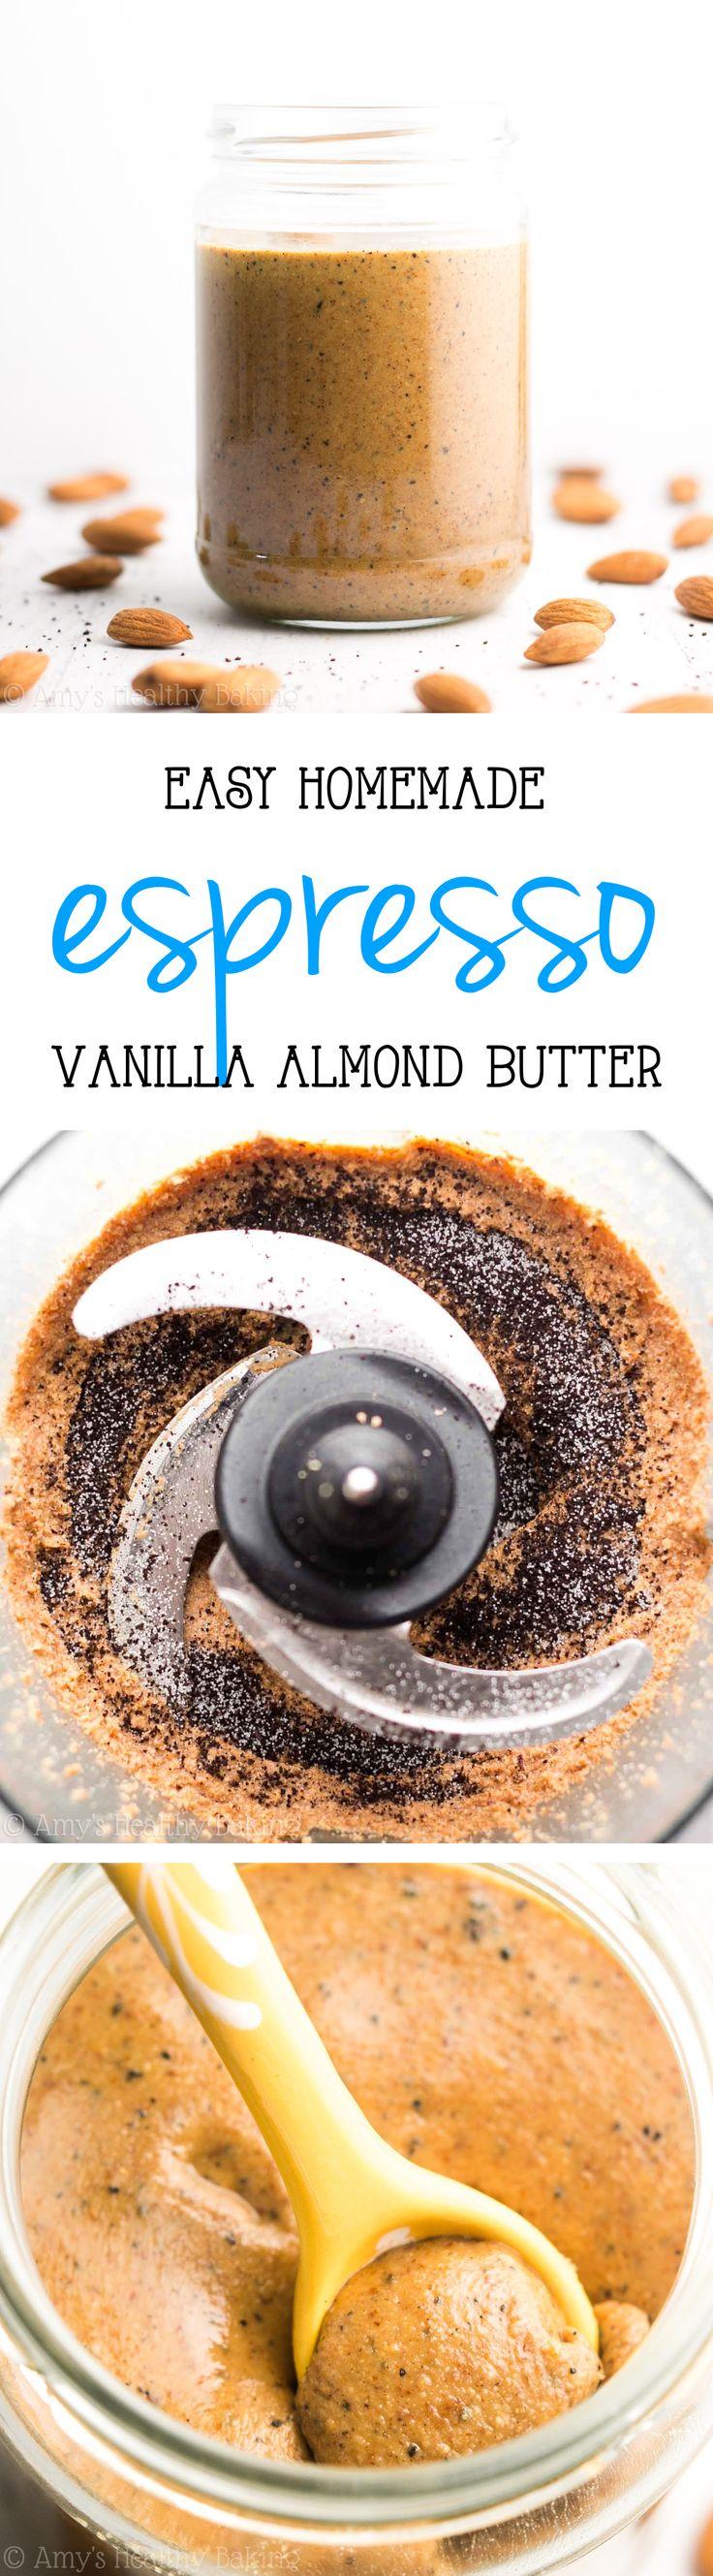 ... & Spreads on Pinterest | Lasagna dip, Hummus dip and 4 ingredients